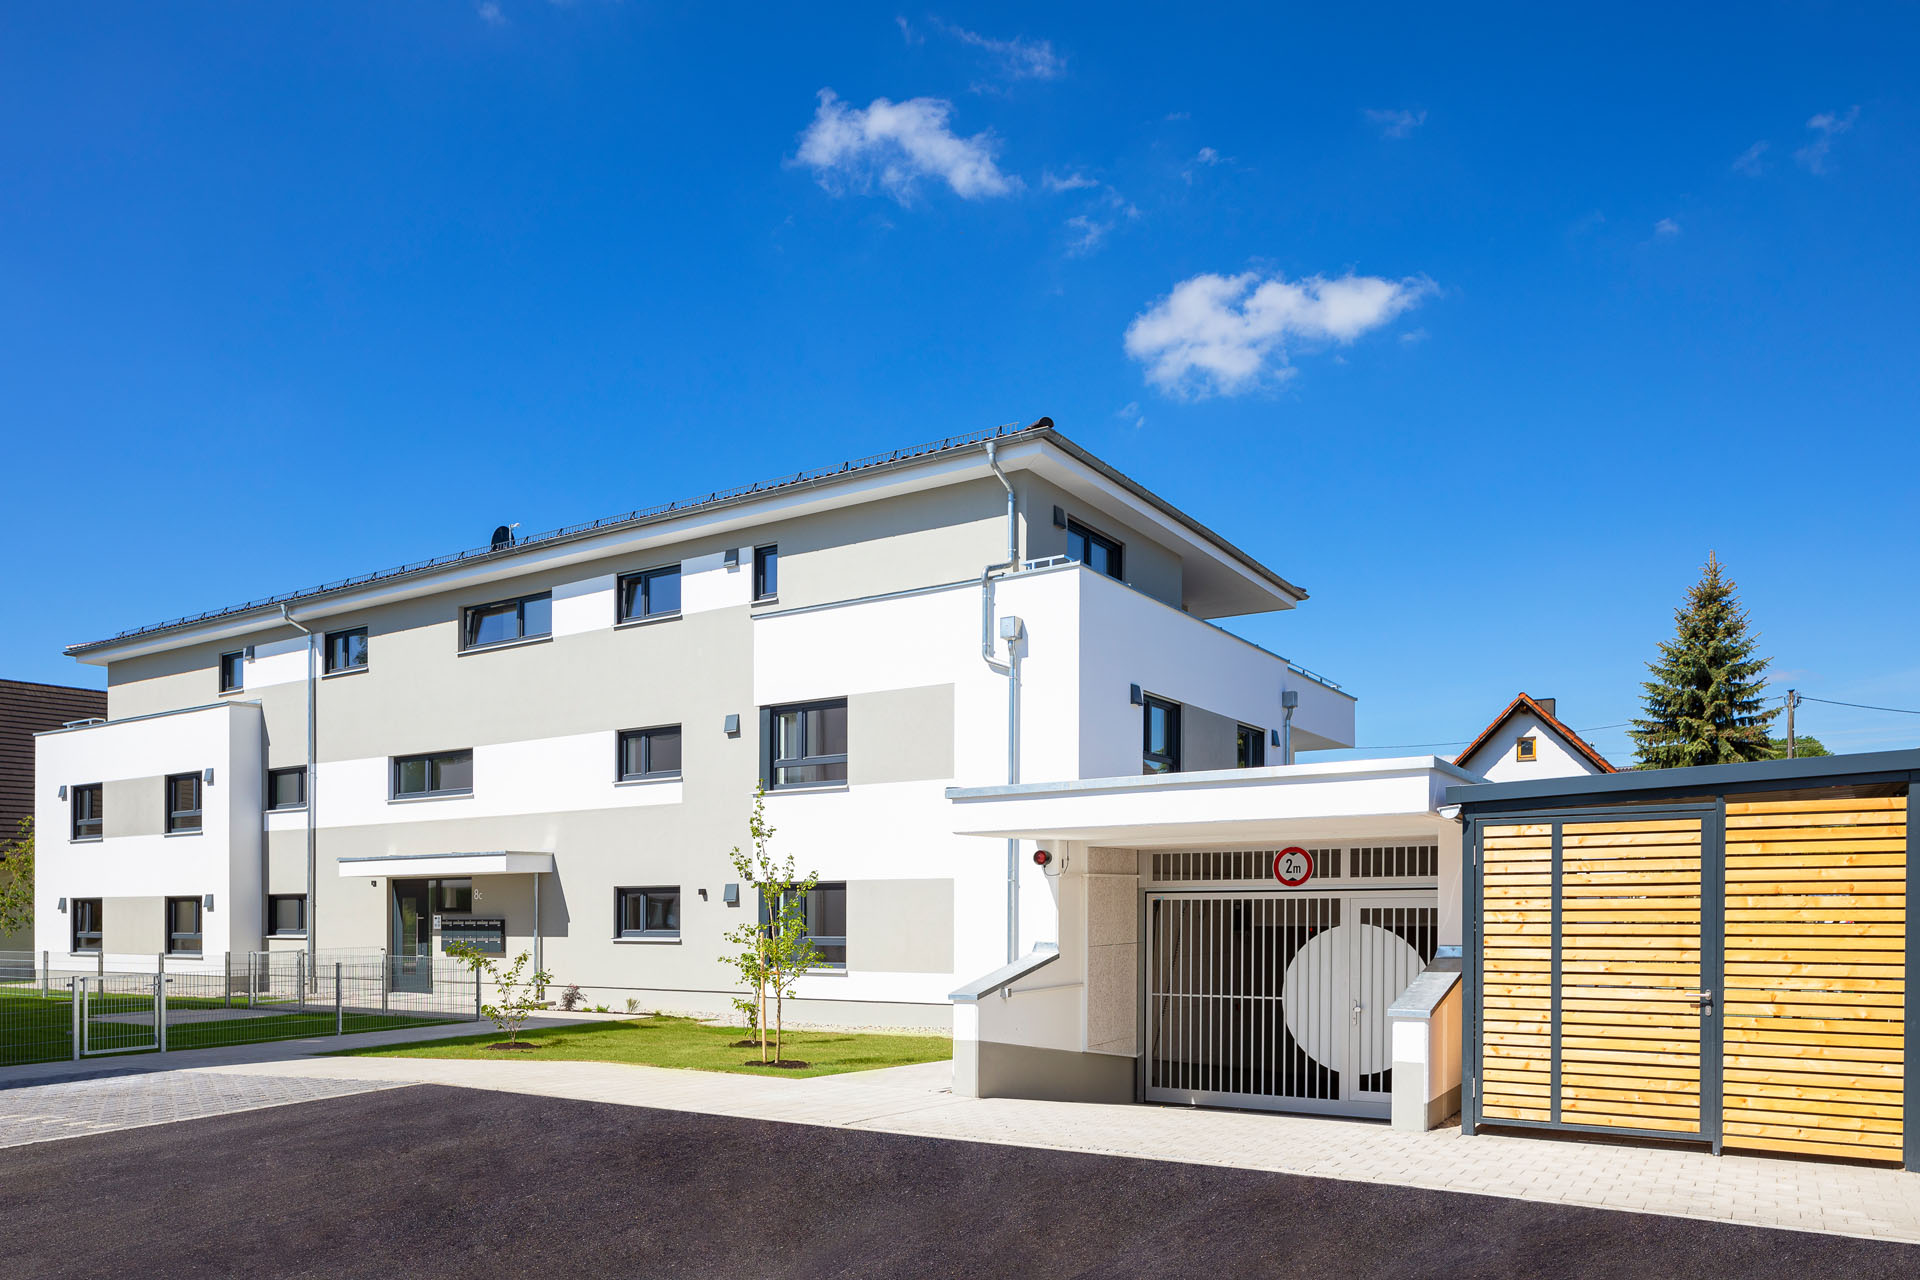 Communis Projektbau - Eigentumswohnungen Sonneneck Untermeintingen 093